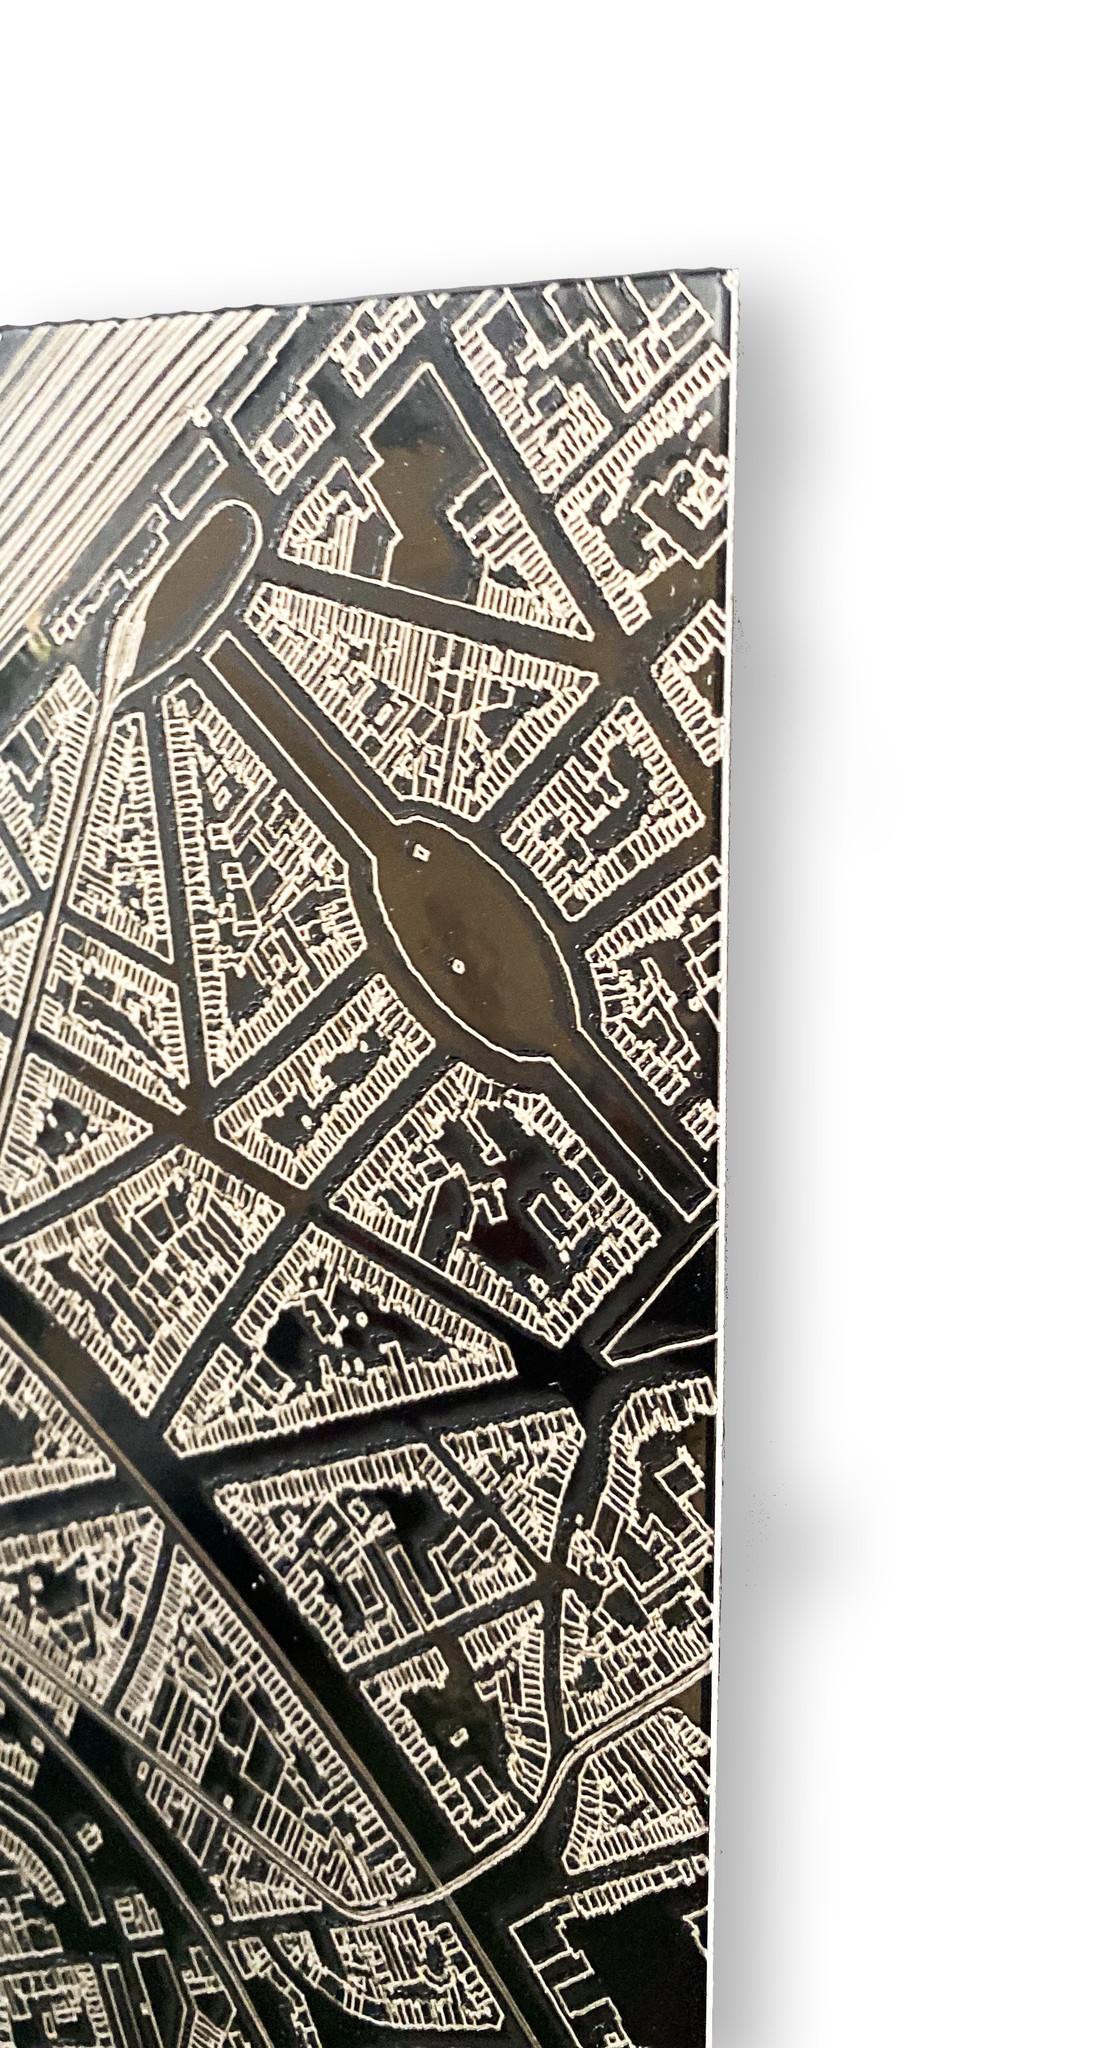 Stadtkarte Sittard | Aluminium Wanddekoration-6